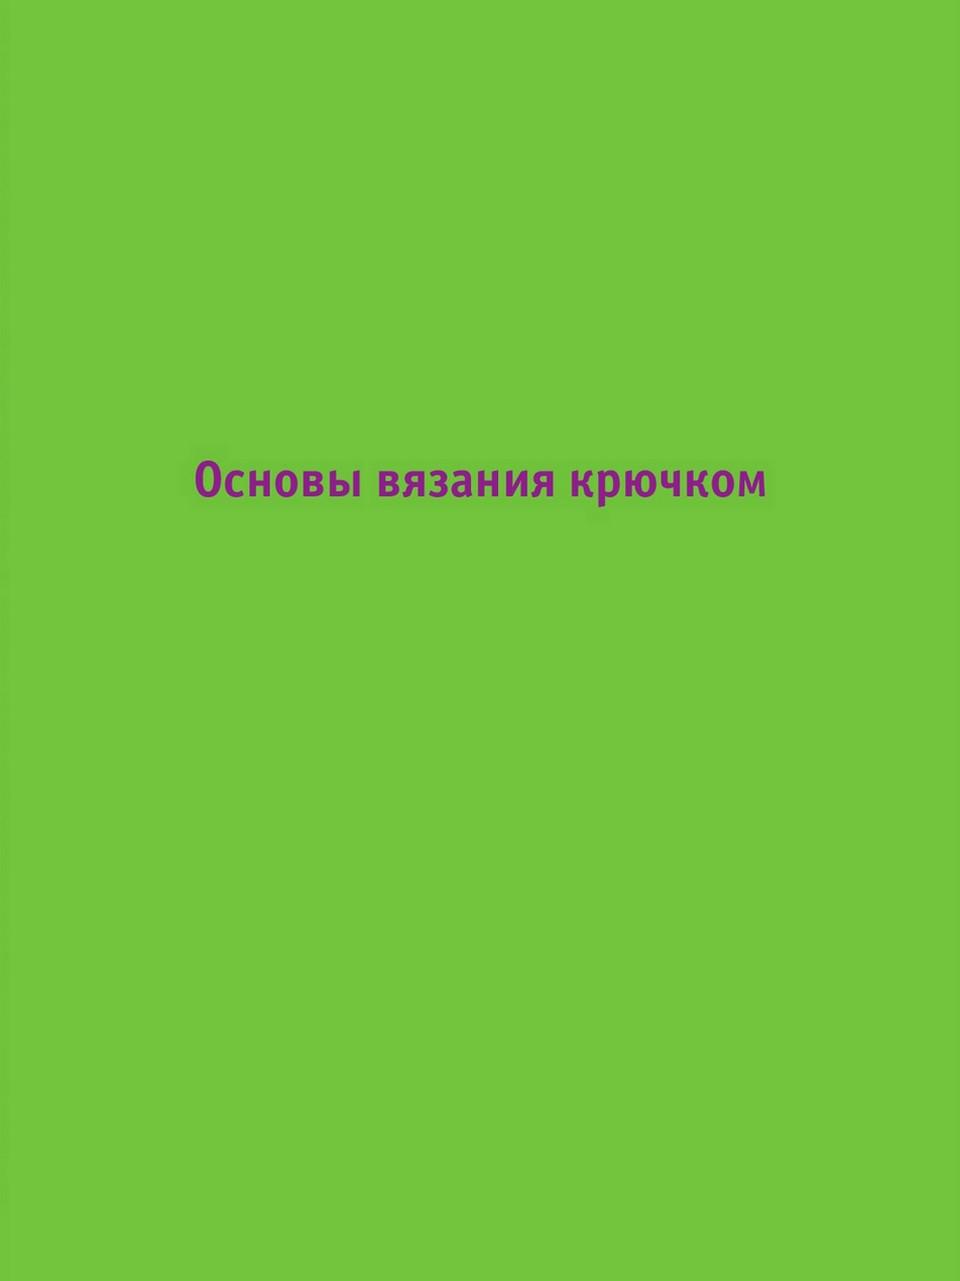 bibliya-vyazaniya-kruchkom-i-spicam-008